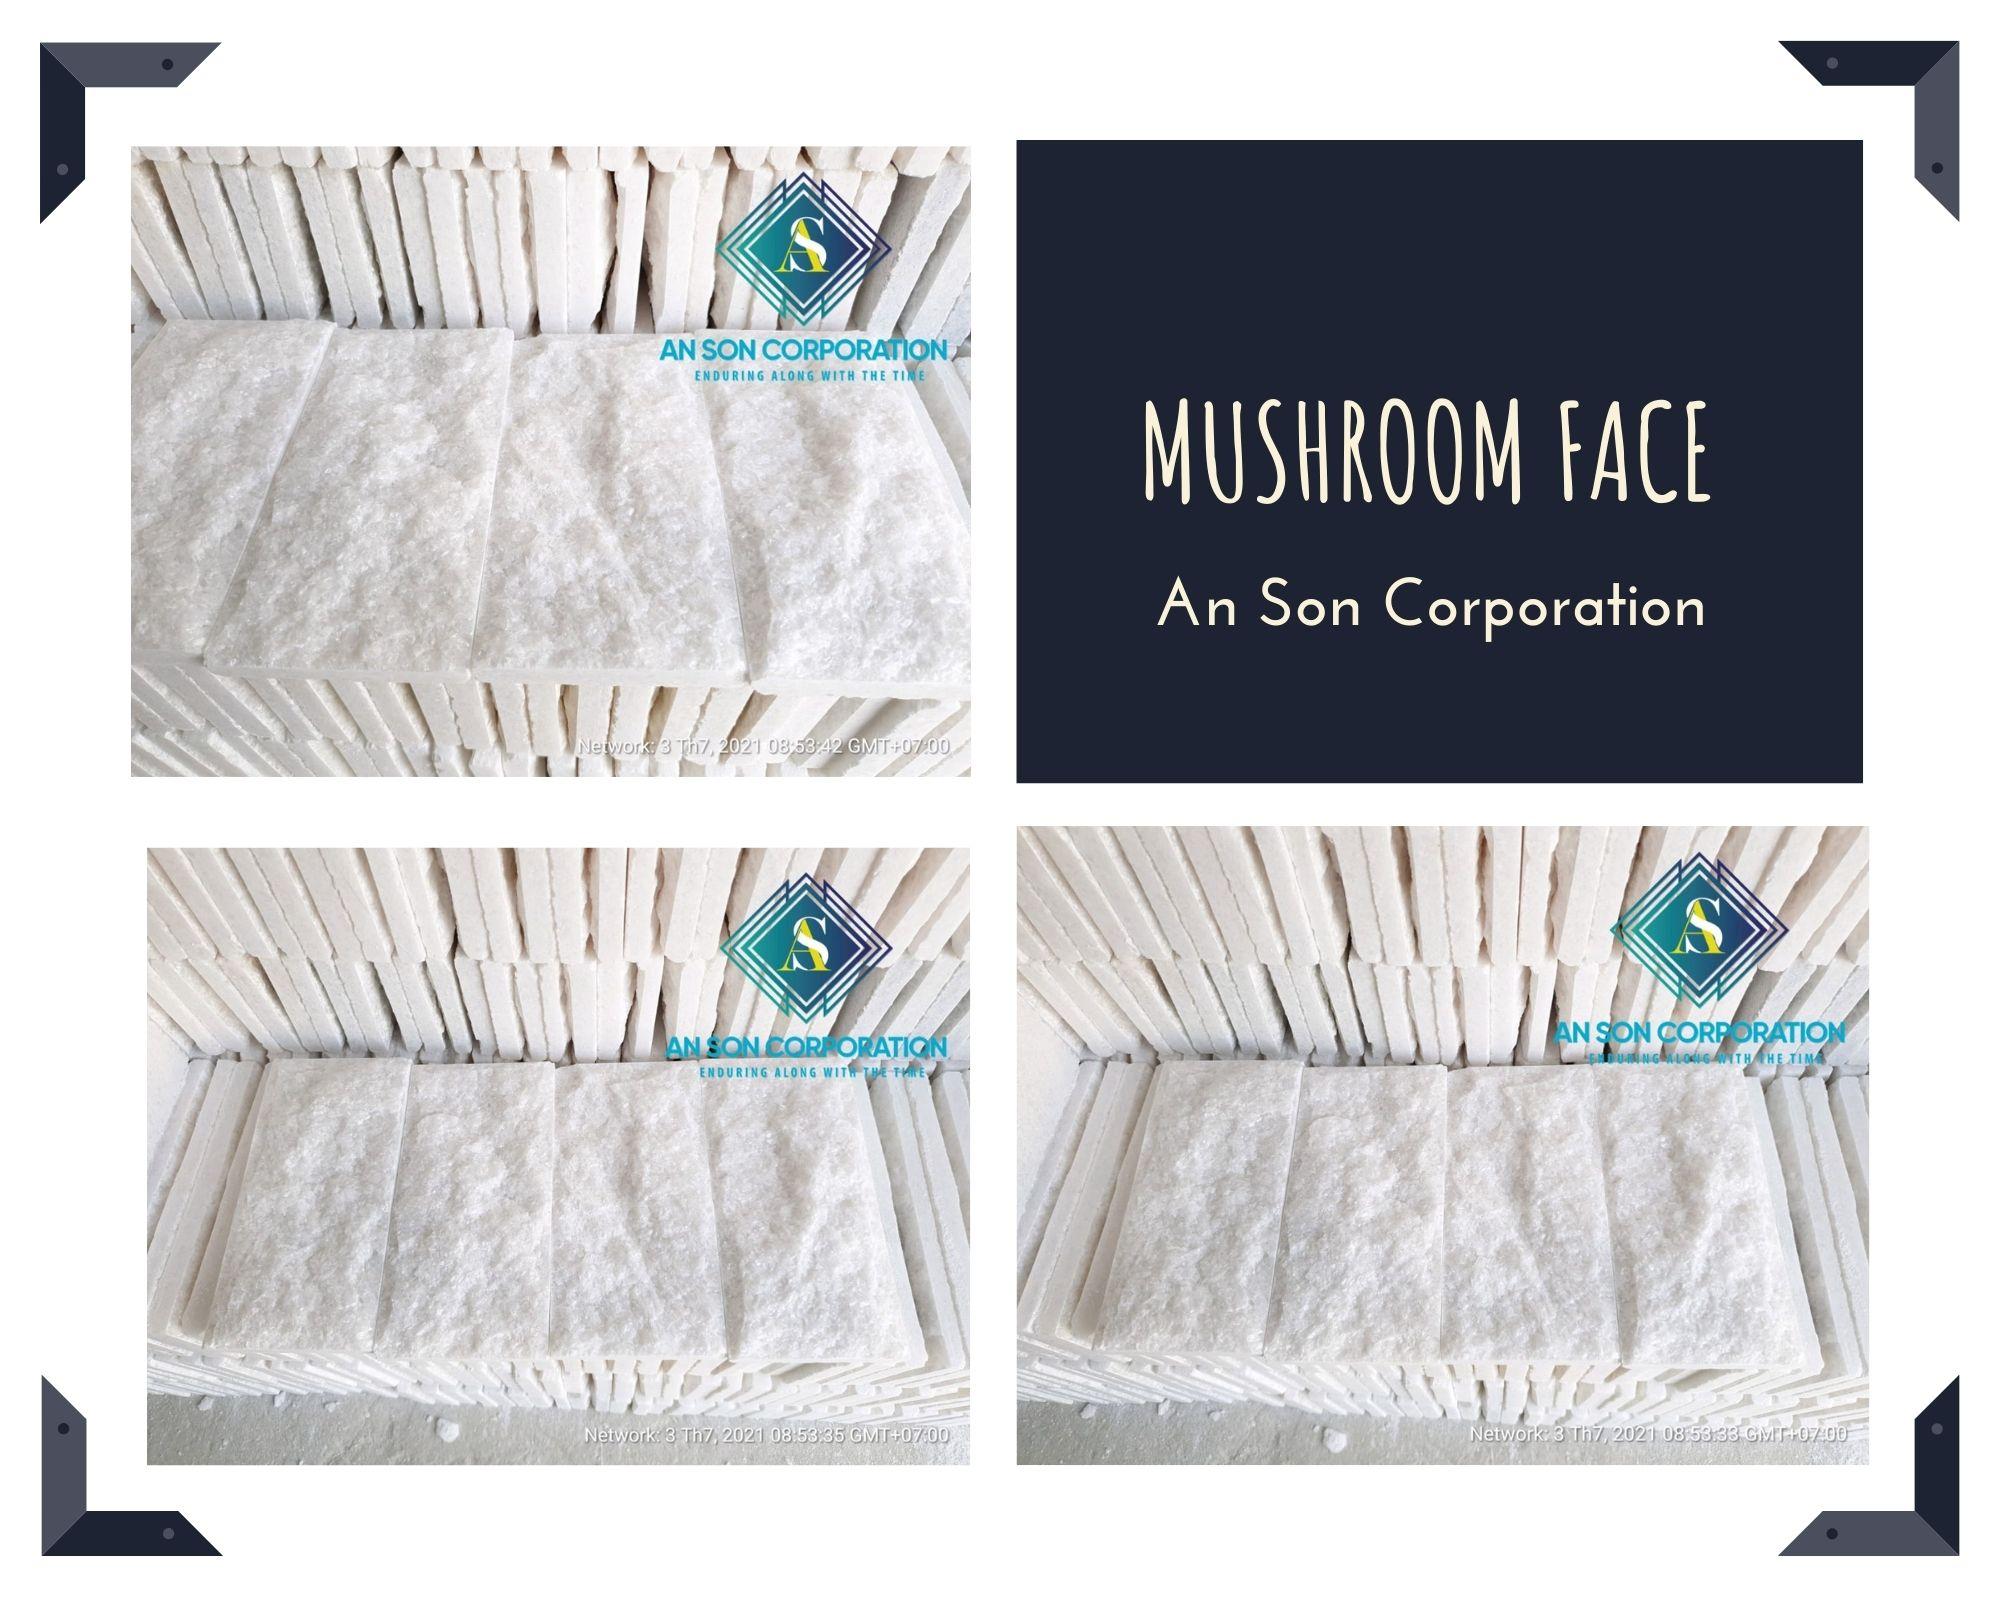 White Mushroom Face Marble